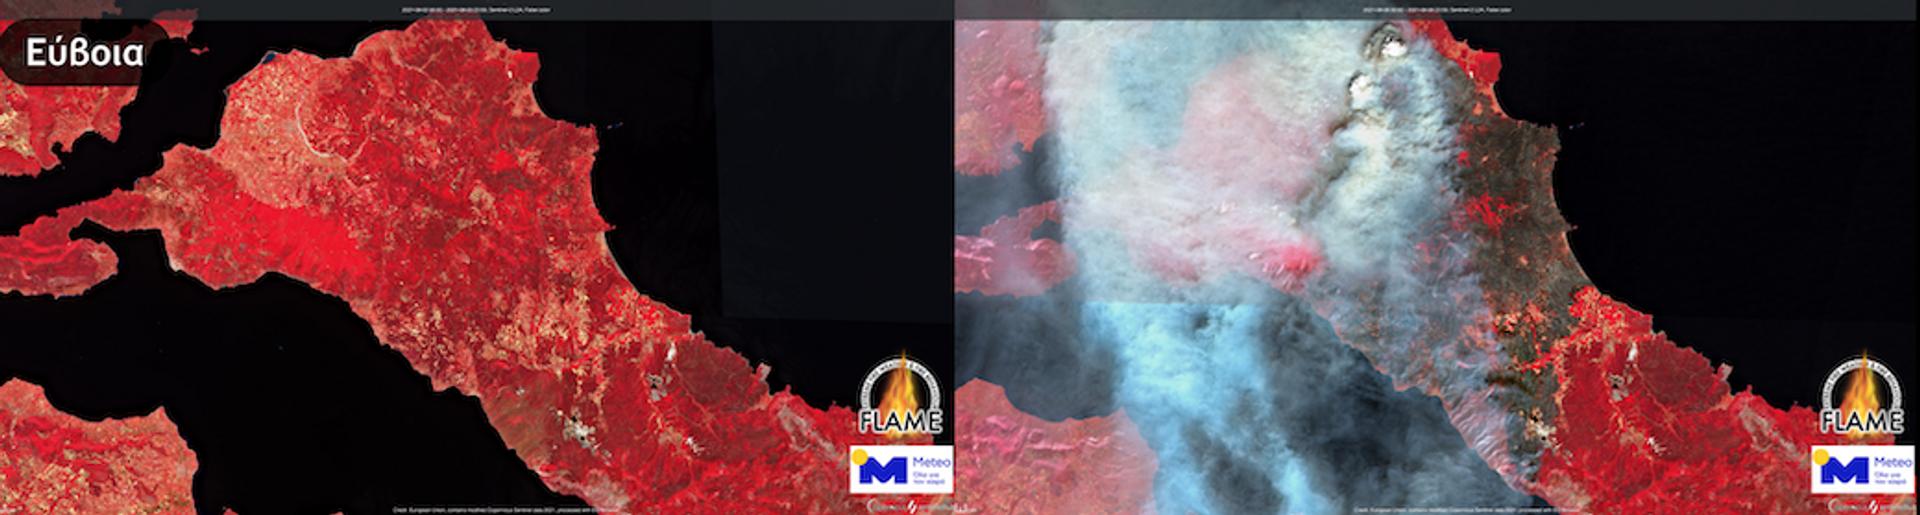 Δορυφορικές εικόνες από το πριν και το μετά της πύρινης λαίλαπας - Sputnik Ελλάδα, 1920, 09.08.2021